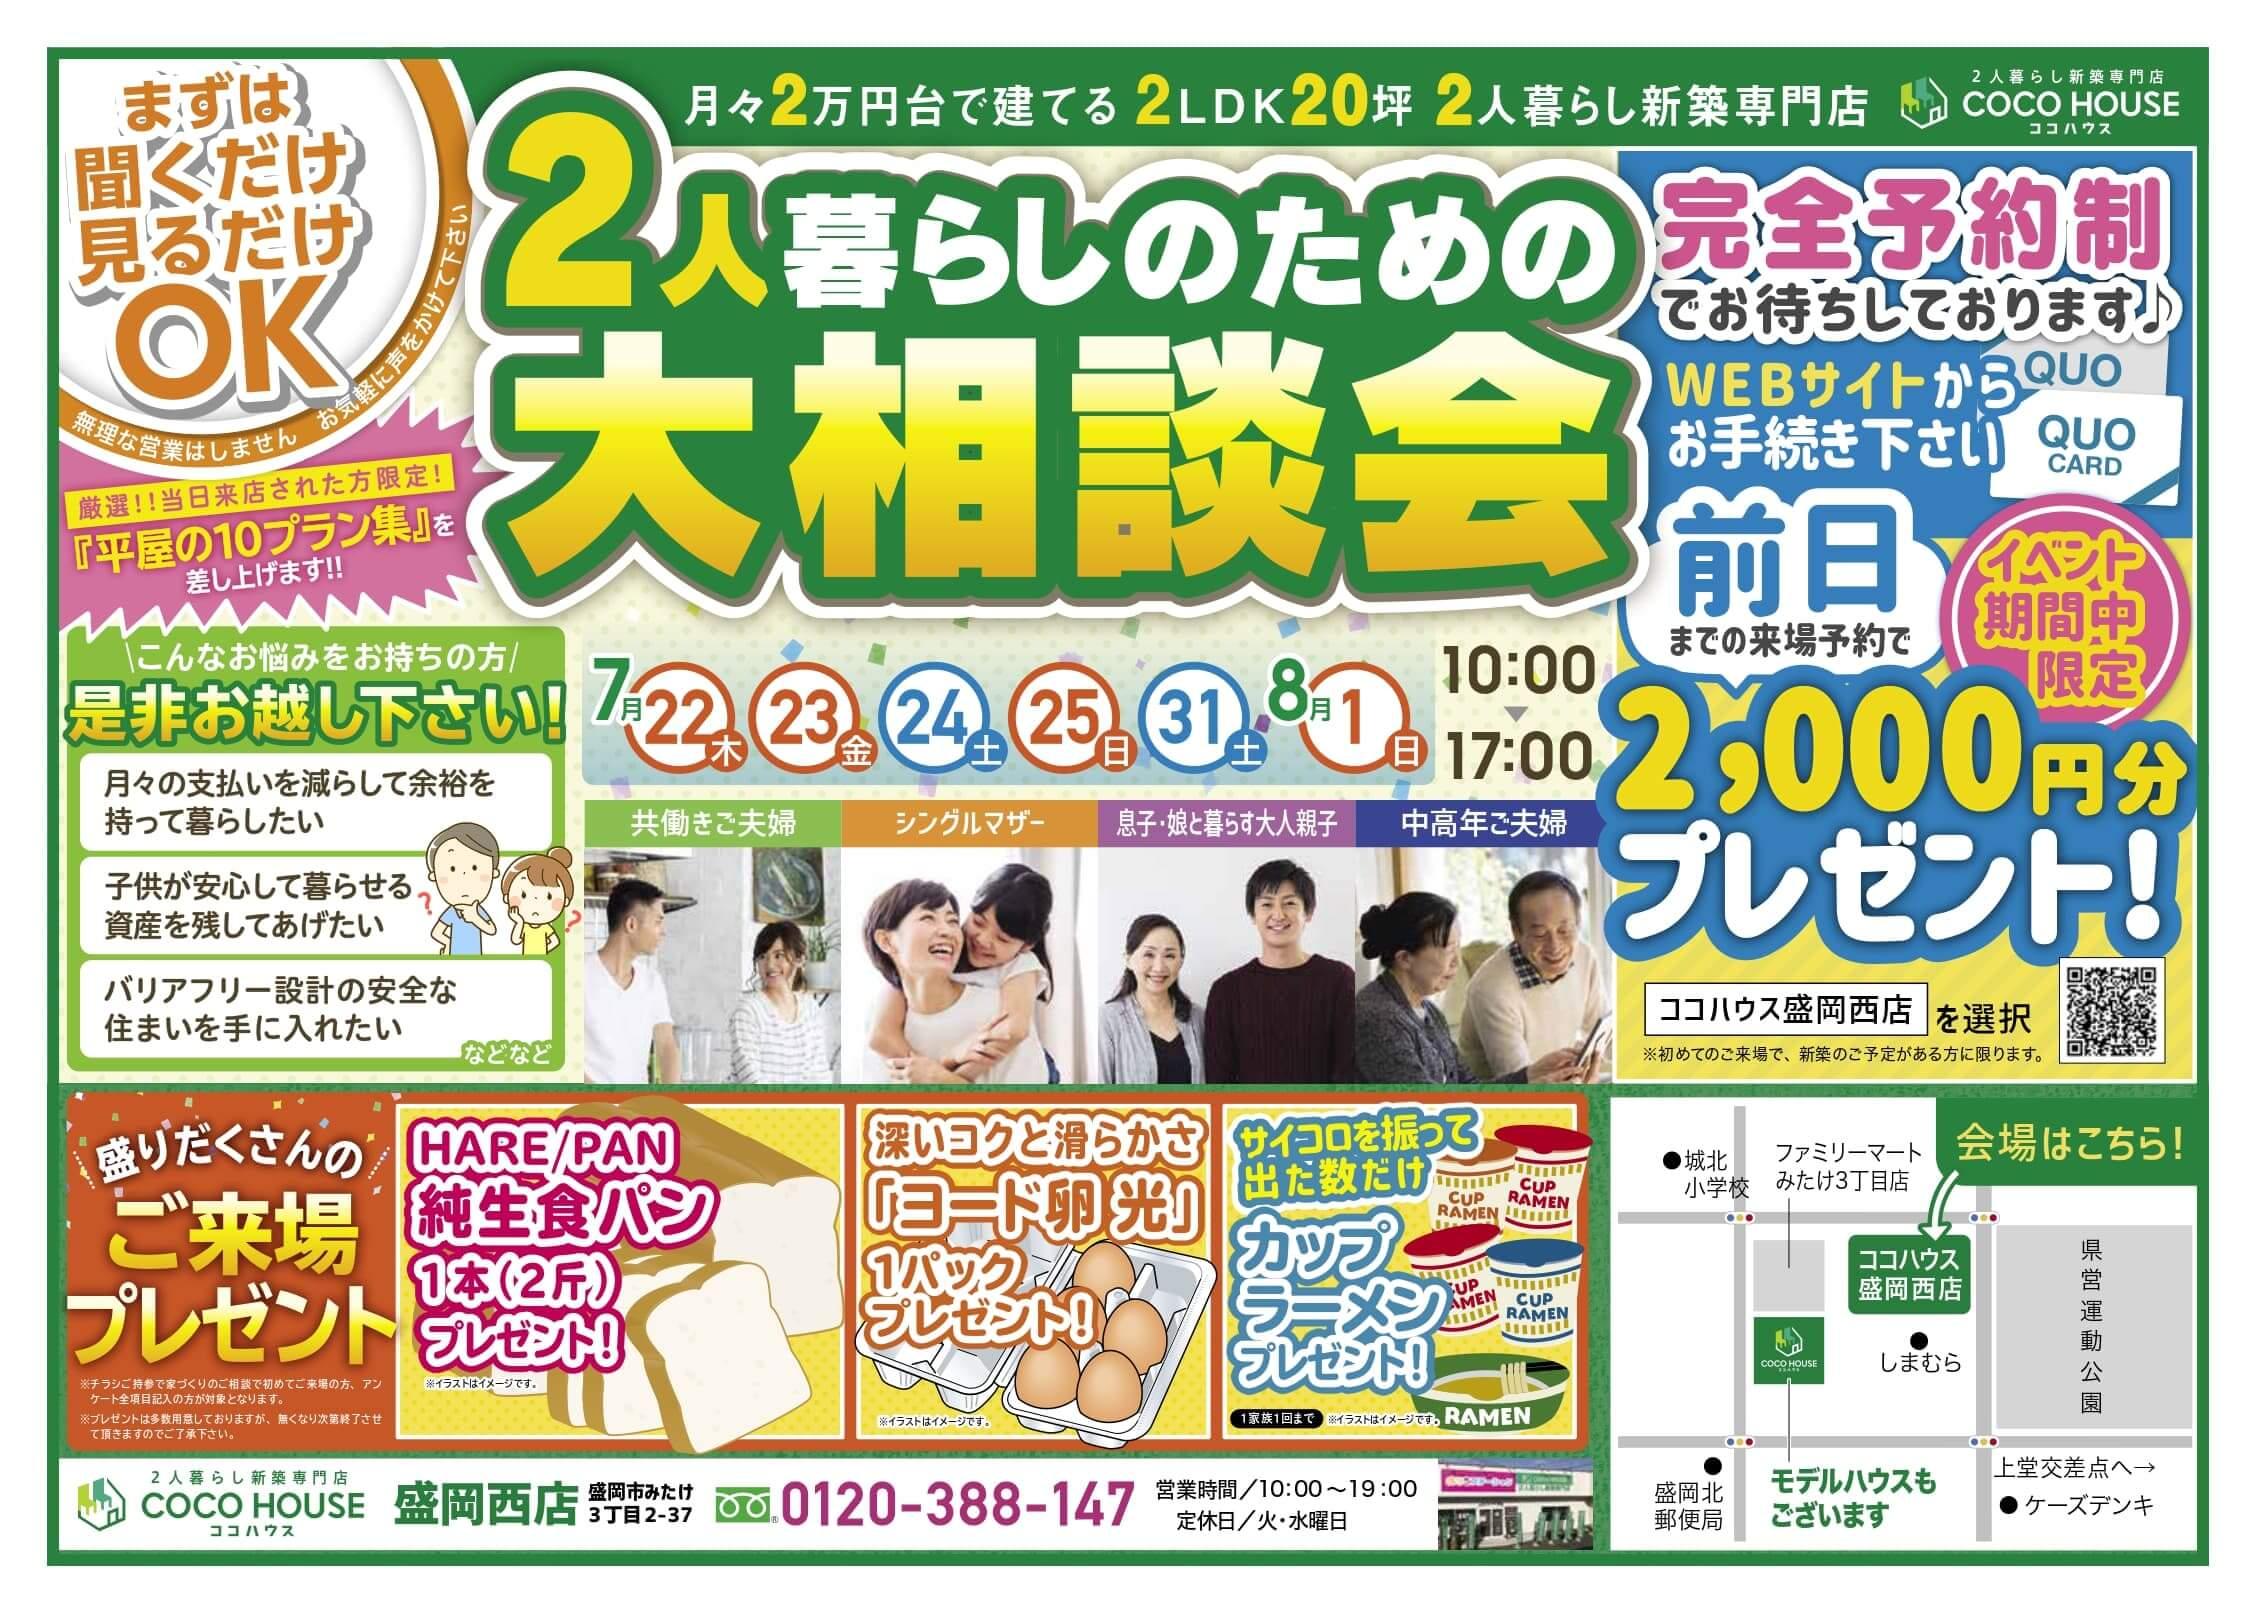 【盛岡西店】2人暮らしのための大相談会 PART2 開催!!